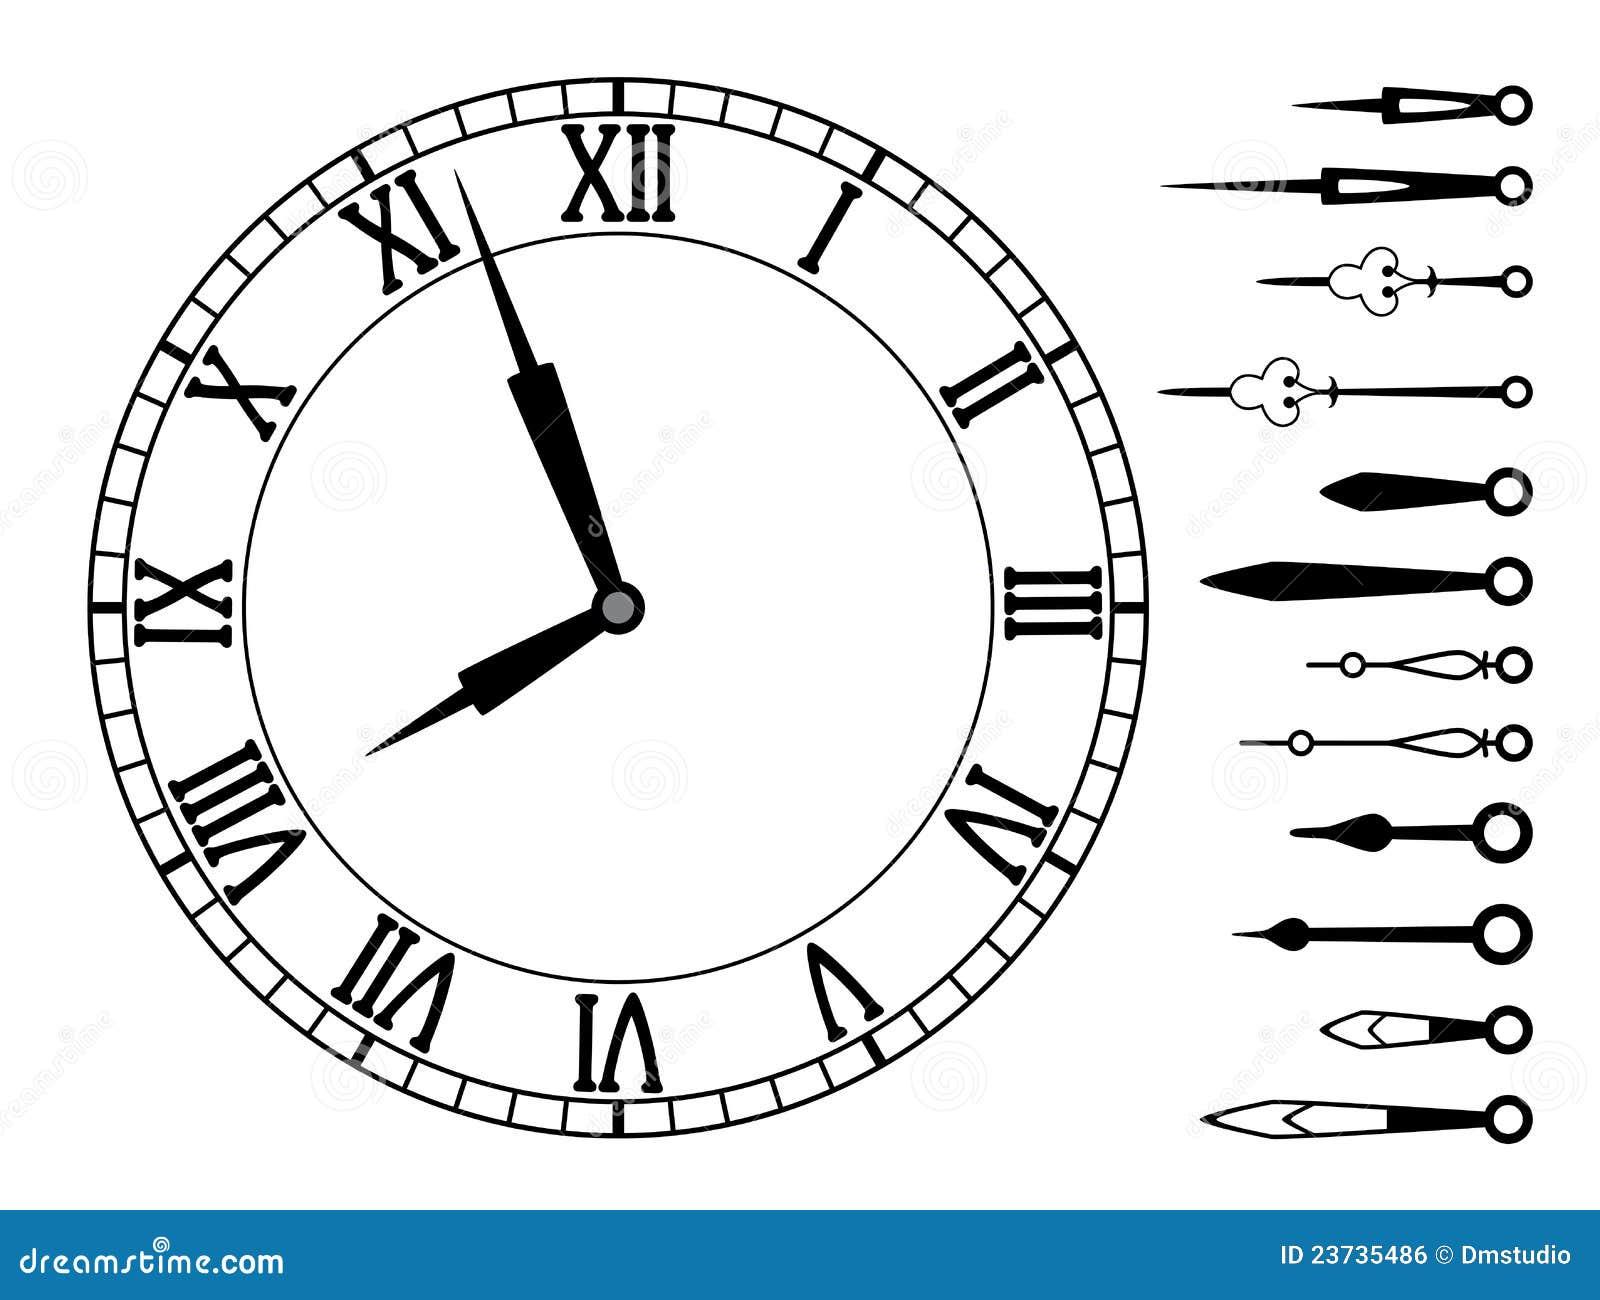 Скачать шаблон часов